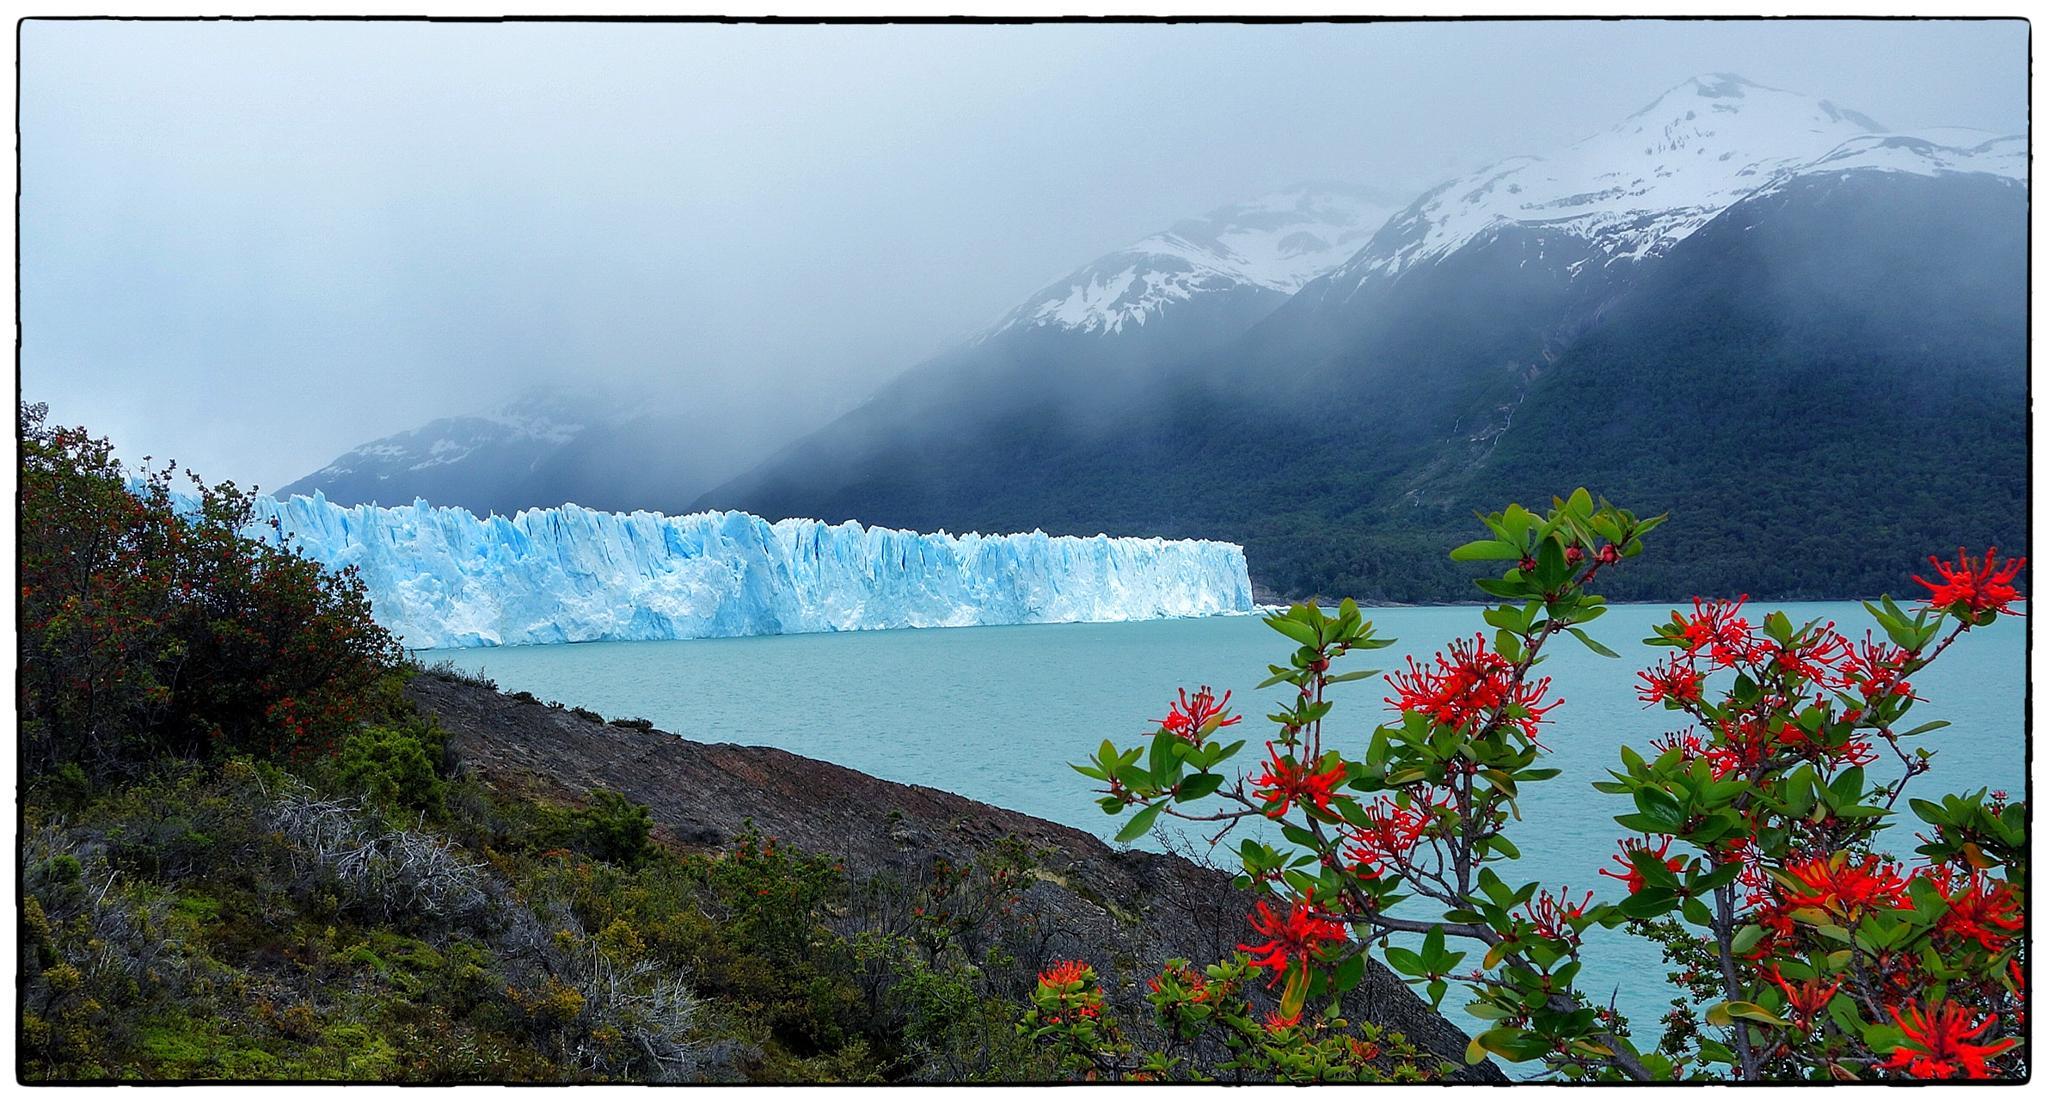 Notros i el Perito Moreno by bescosx